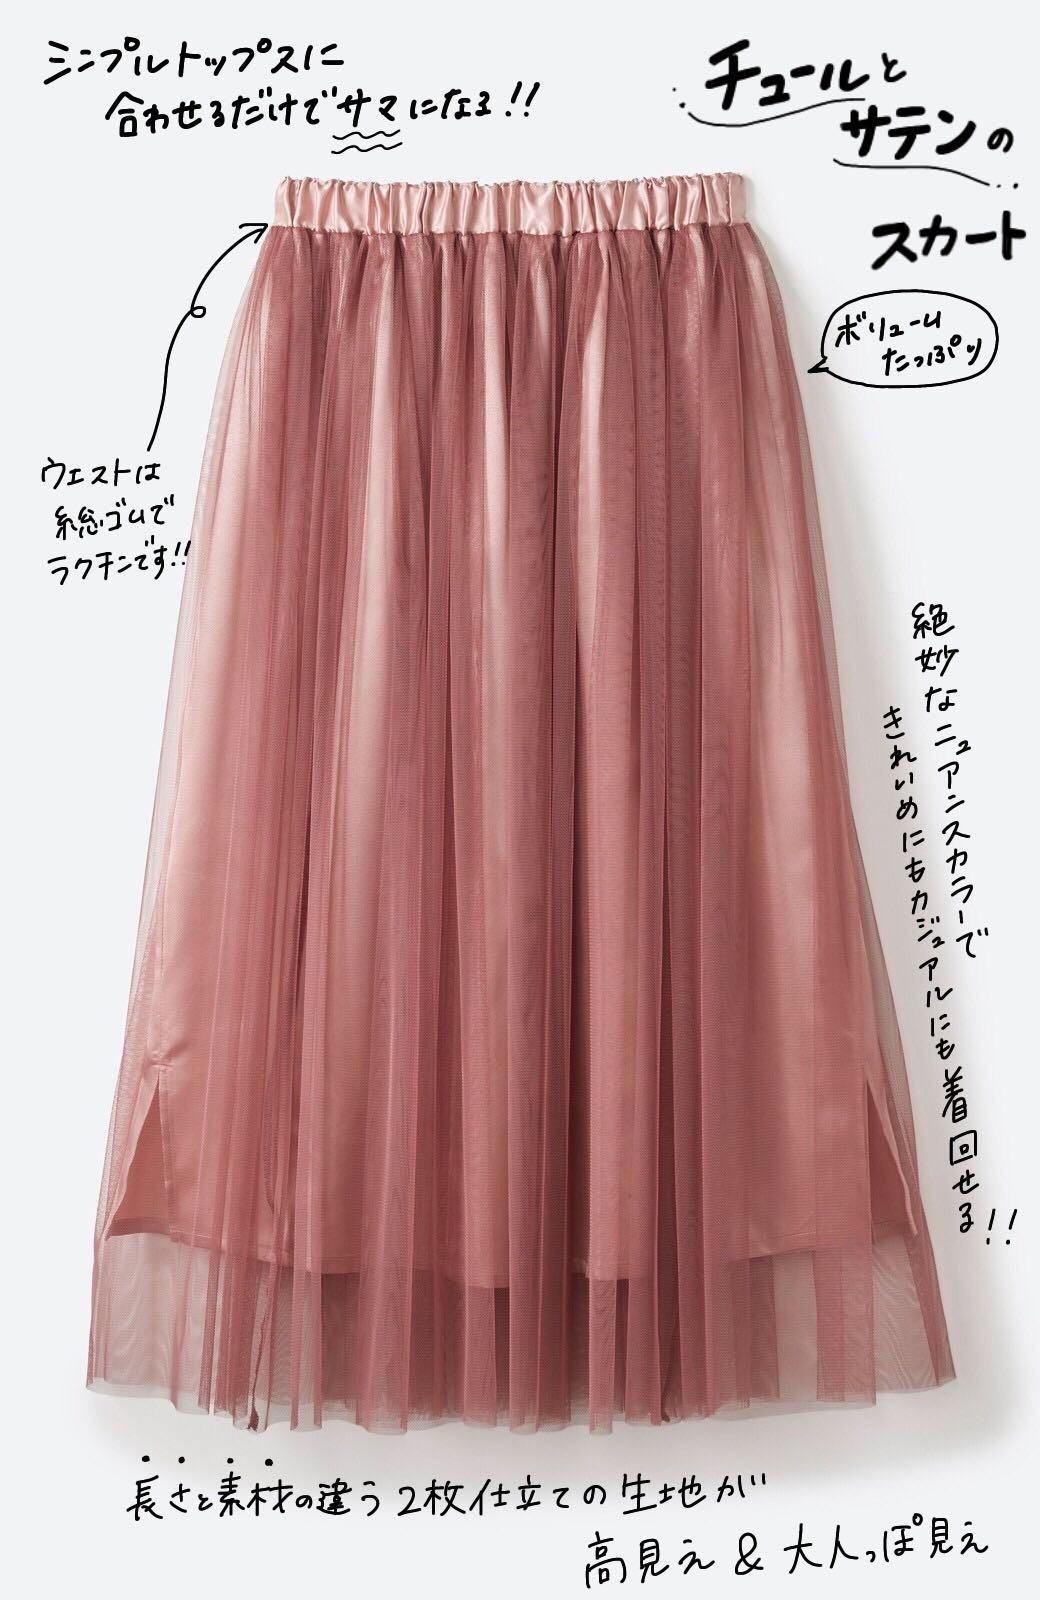 haco! 着るだけでルンとした気分になる! 長ーーい季節着られてずっと使えるオトナのためのチュールスカート <ピンク>の商品写真8